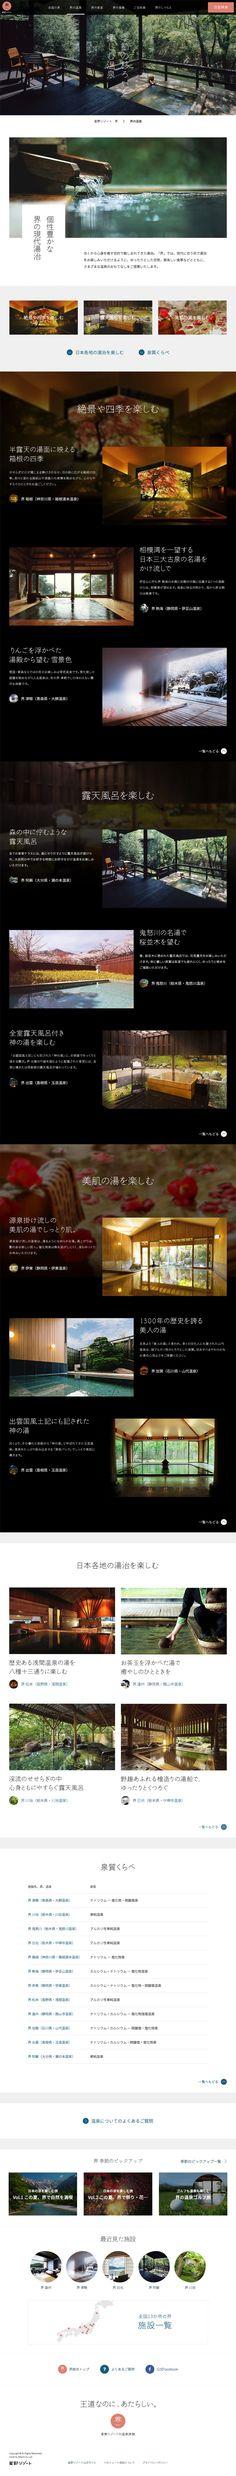 星野リゾート 界 | 総合サイト - works